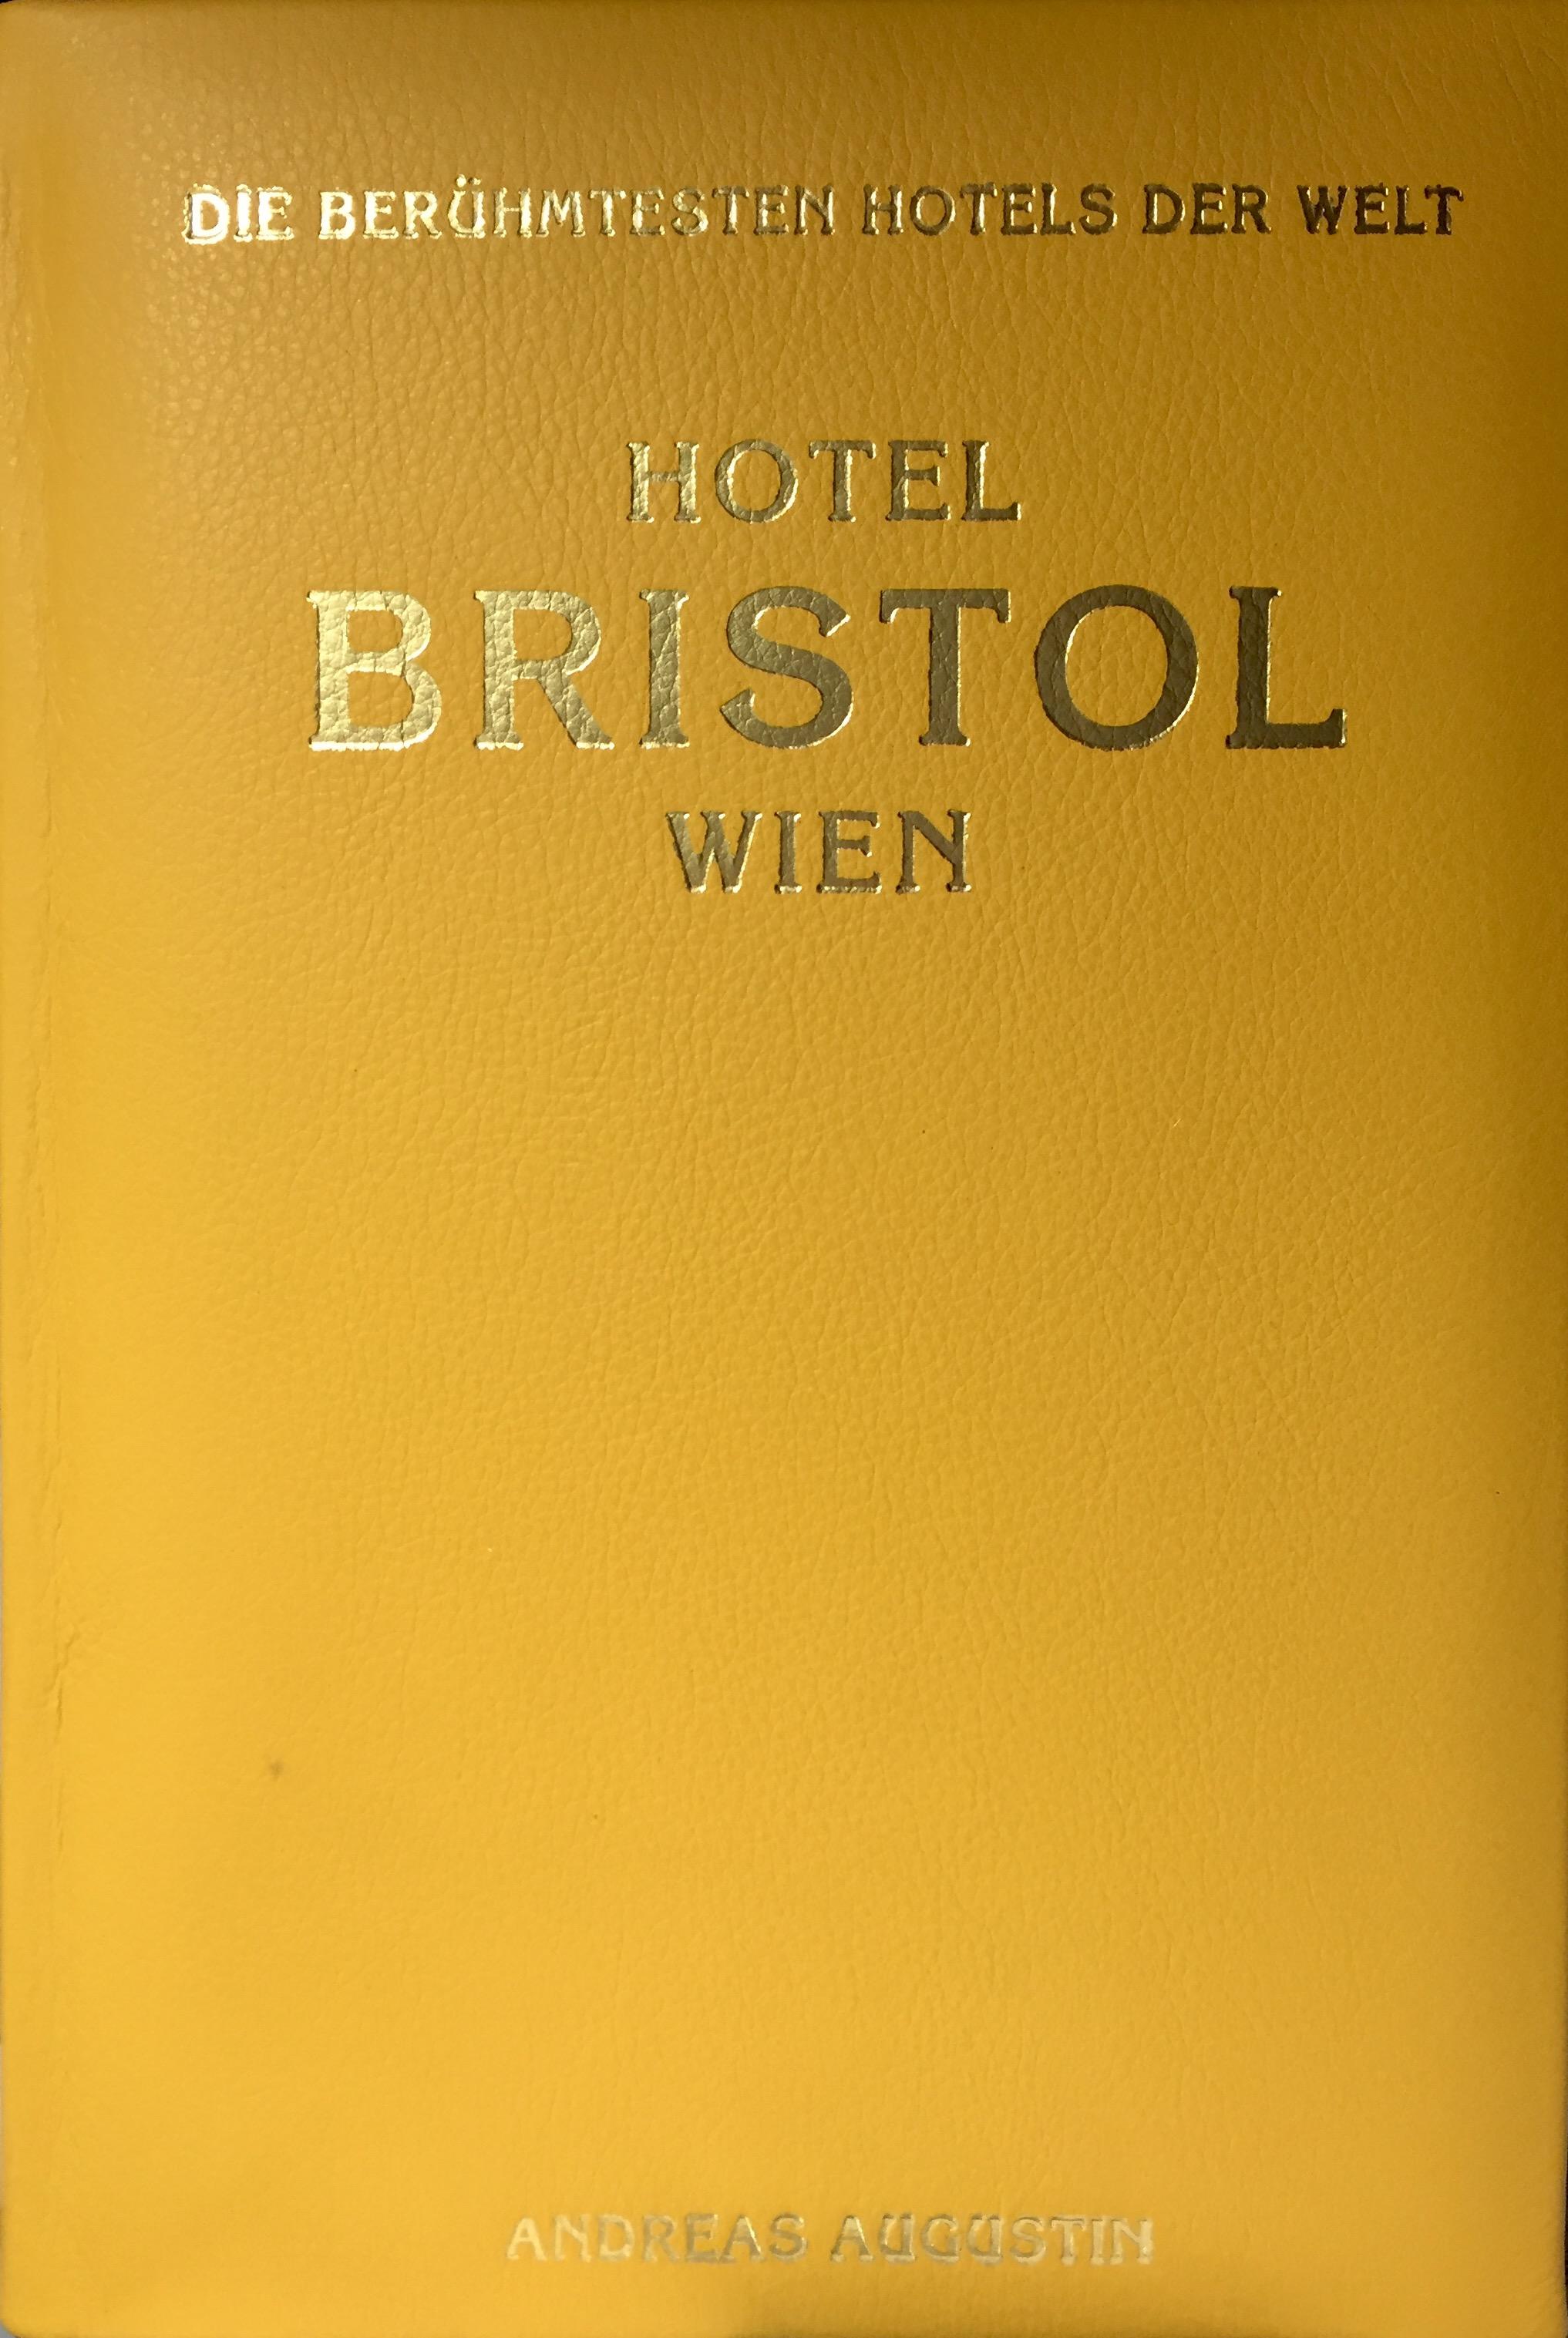 Hotel Bristol – Wien, Österreich (Deutsch Leder Edition)